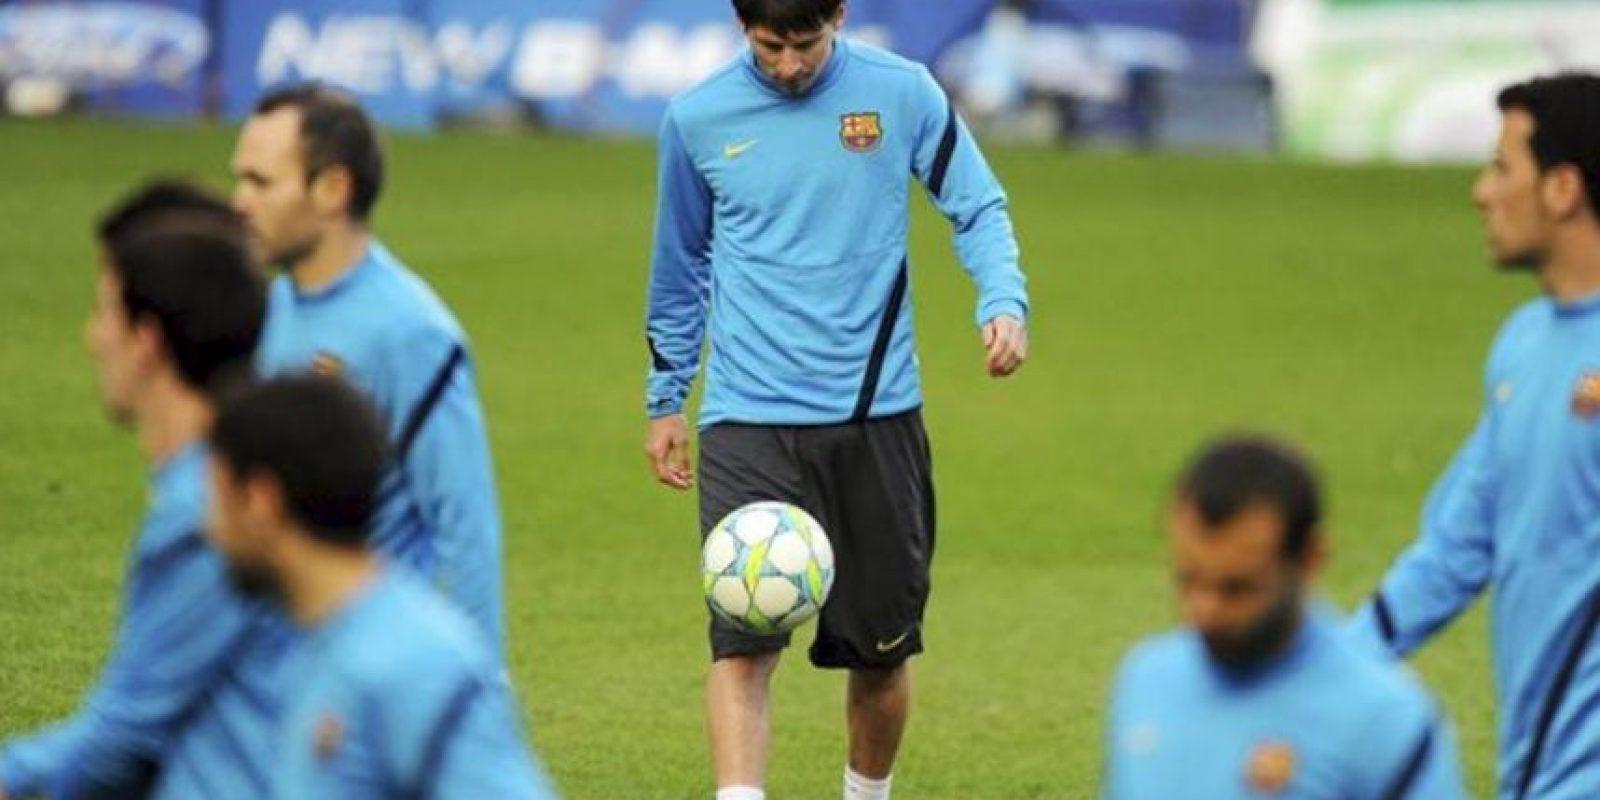 El delantero argentino del FC Barcelona, Lionel Messi (C) durante el entrenamiento del equipo en Stamford Bridge, Londres. EFE